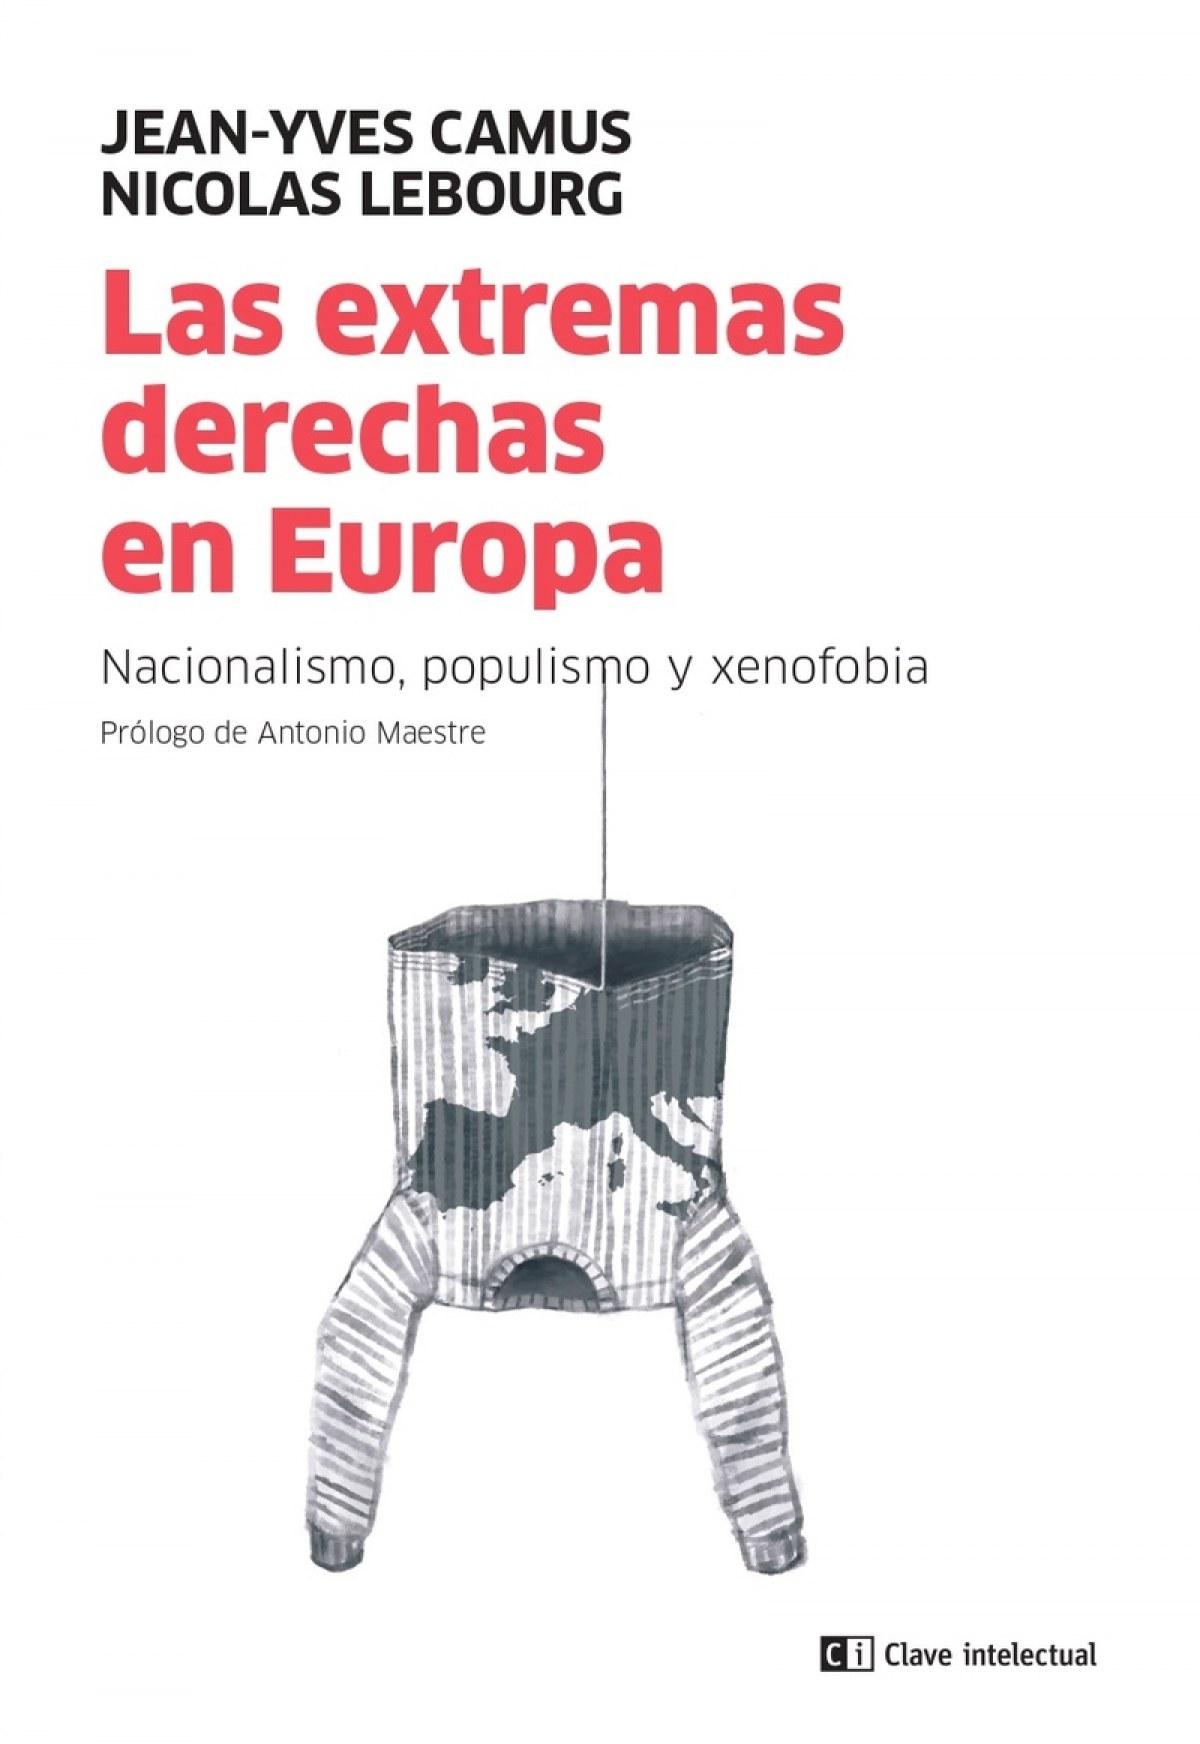 Las extremas derechas en Europa